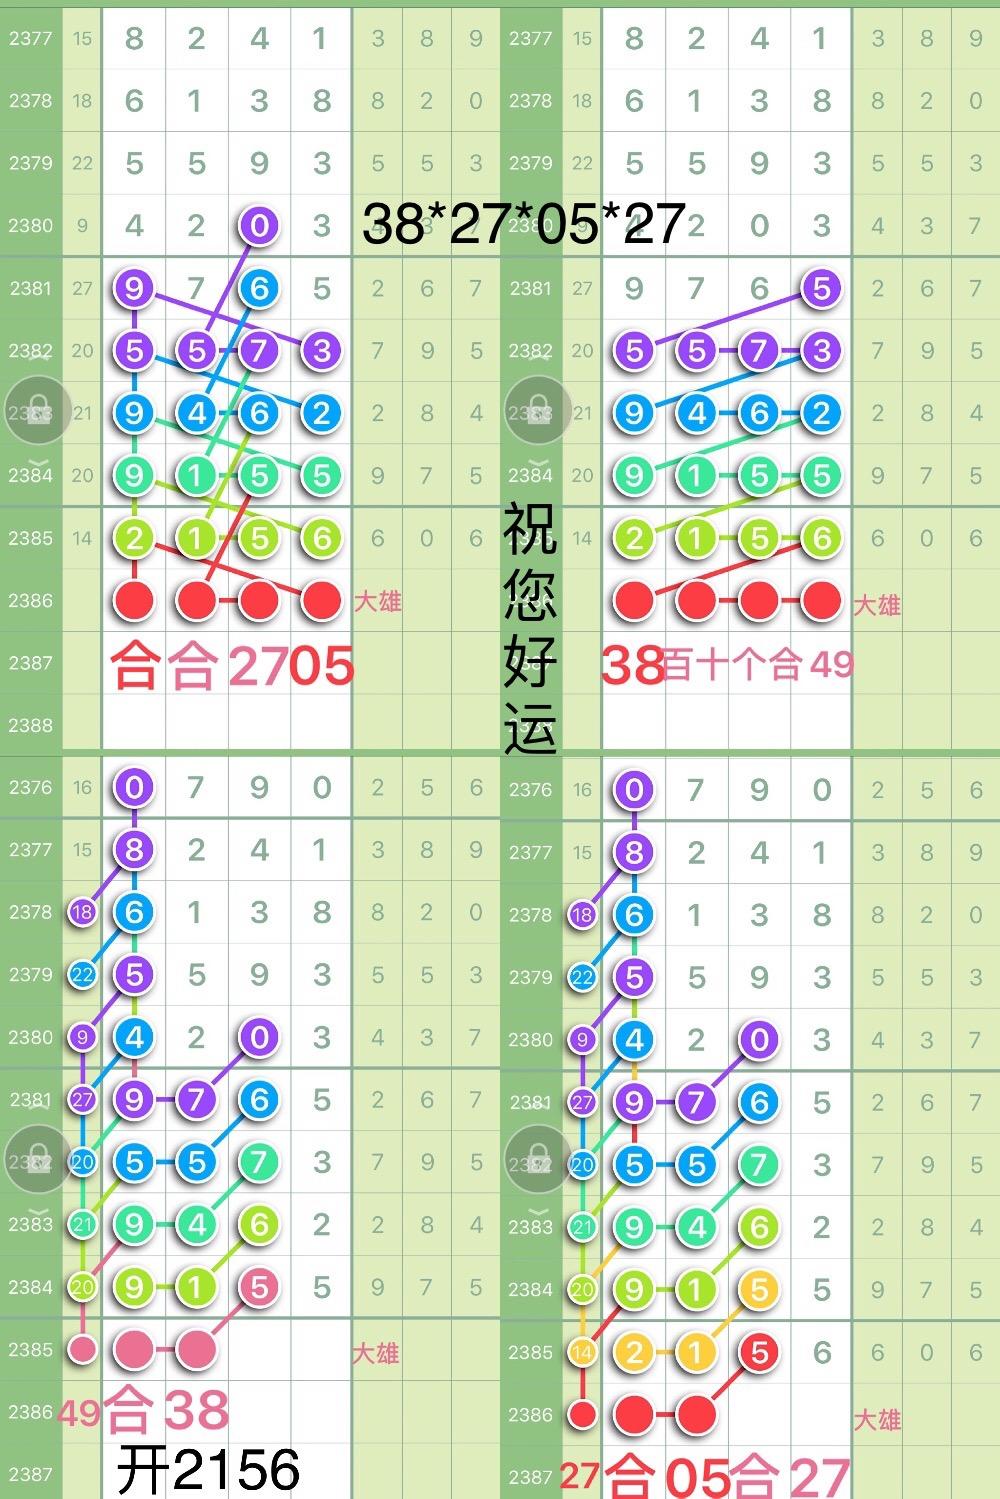 62440BF6-AD1C-4B65-95AD-C52637ACB2C8.jpeg